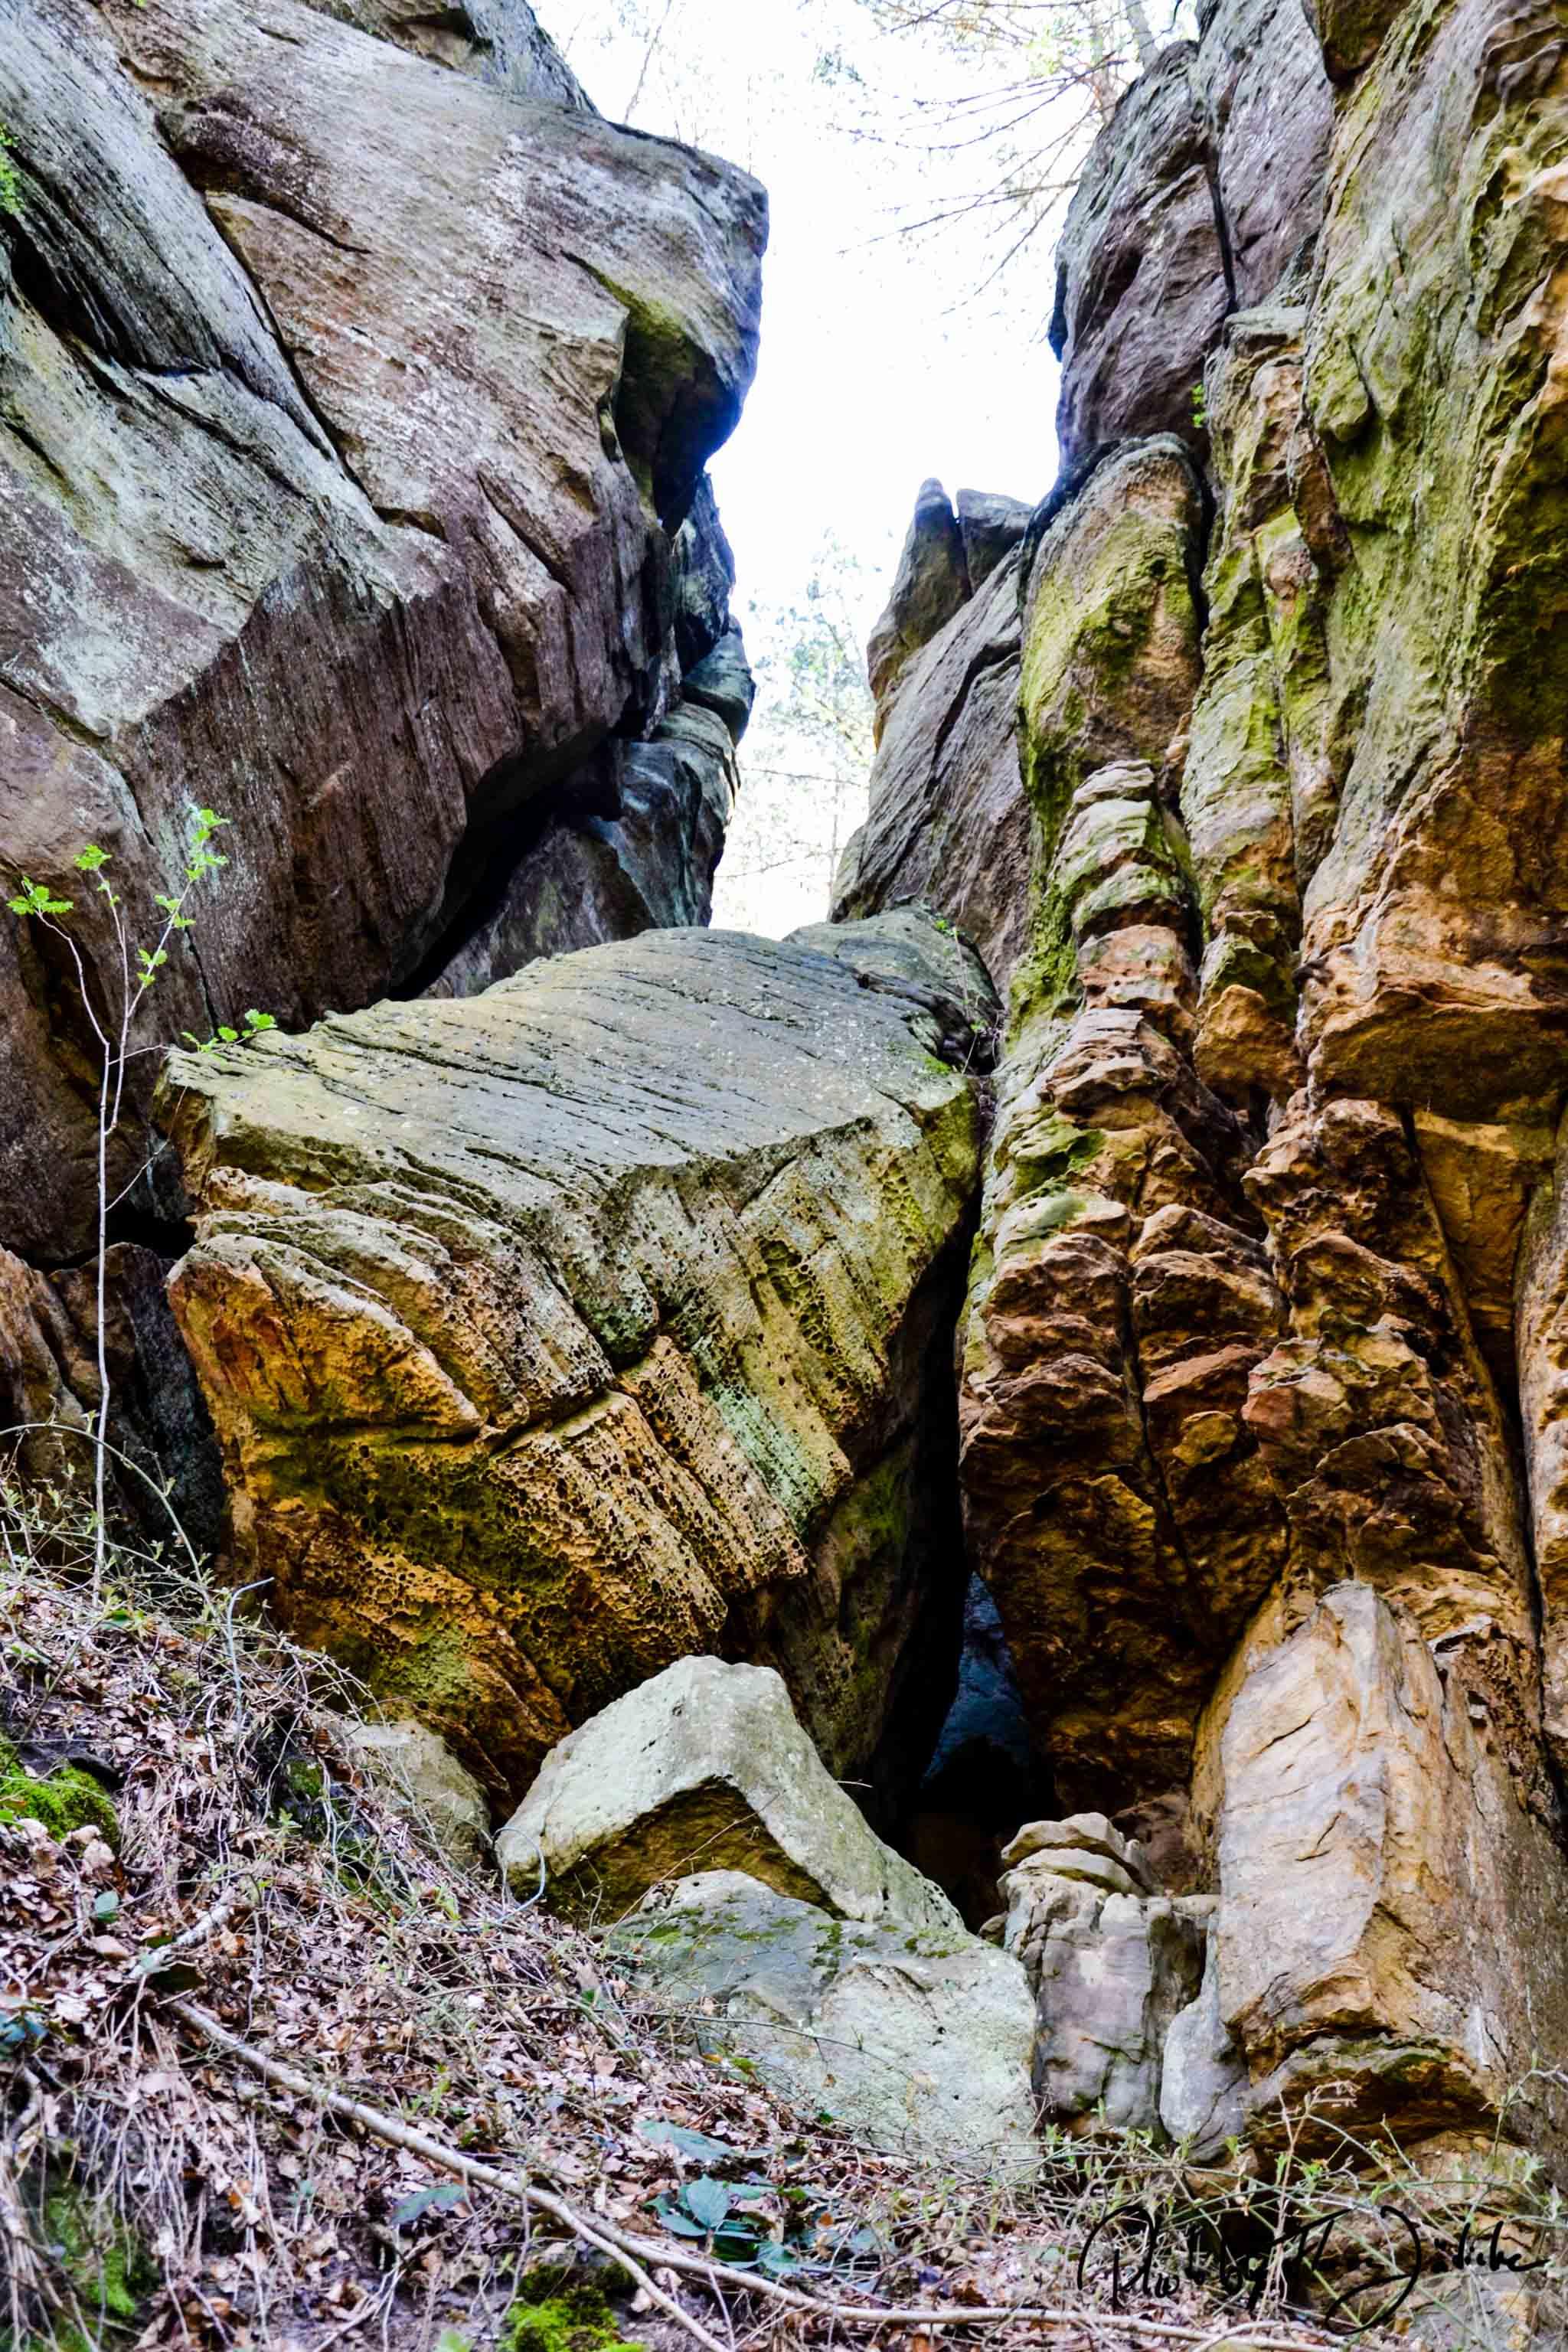 Dramatische Felsformationen auf dem Felsenweg im Naturpark Delux. Foto: Flora Jädicke